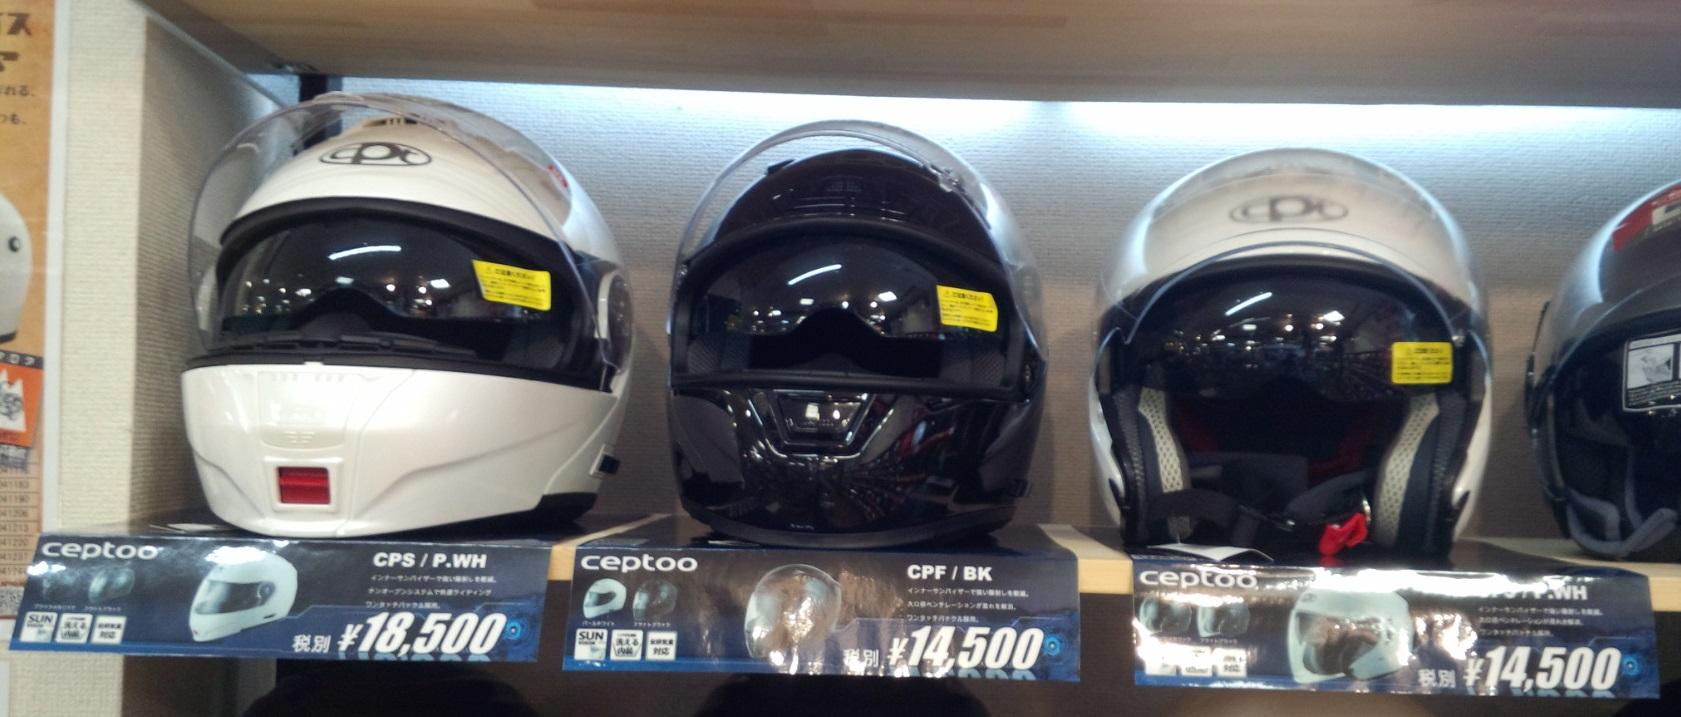 リーズナブルなヘルメットをお探しの方に・・・_b0163075_14572811.jpg